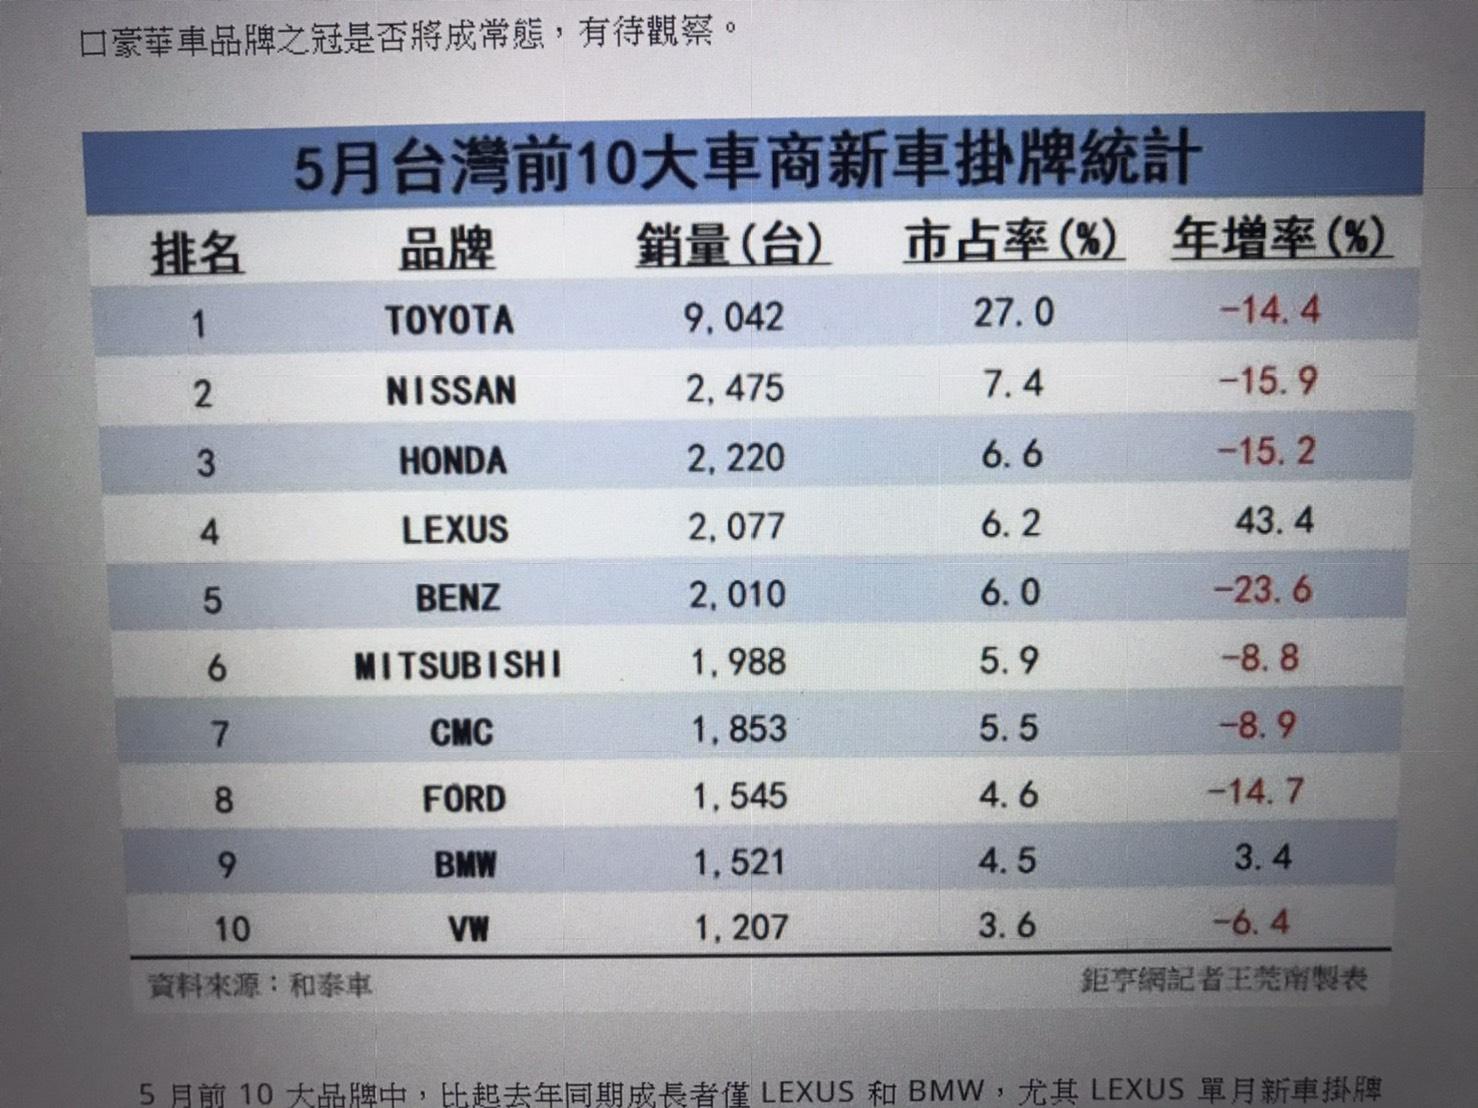 中華車2204 國產車將要變天? 進口車完勝!年增率-8.8%多頭轉空頭了嗎?